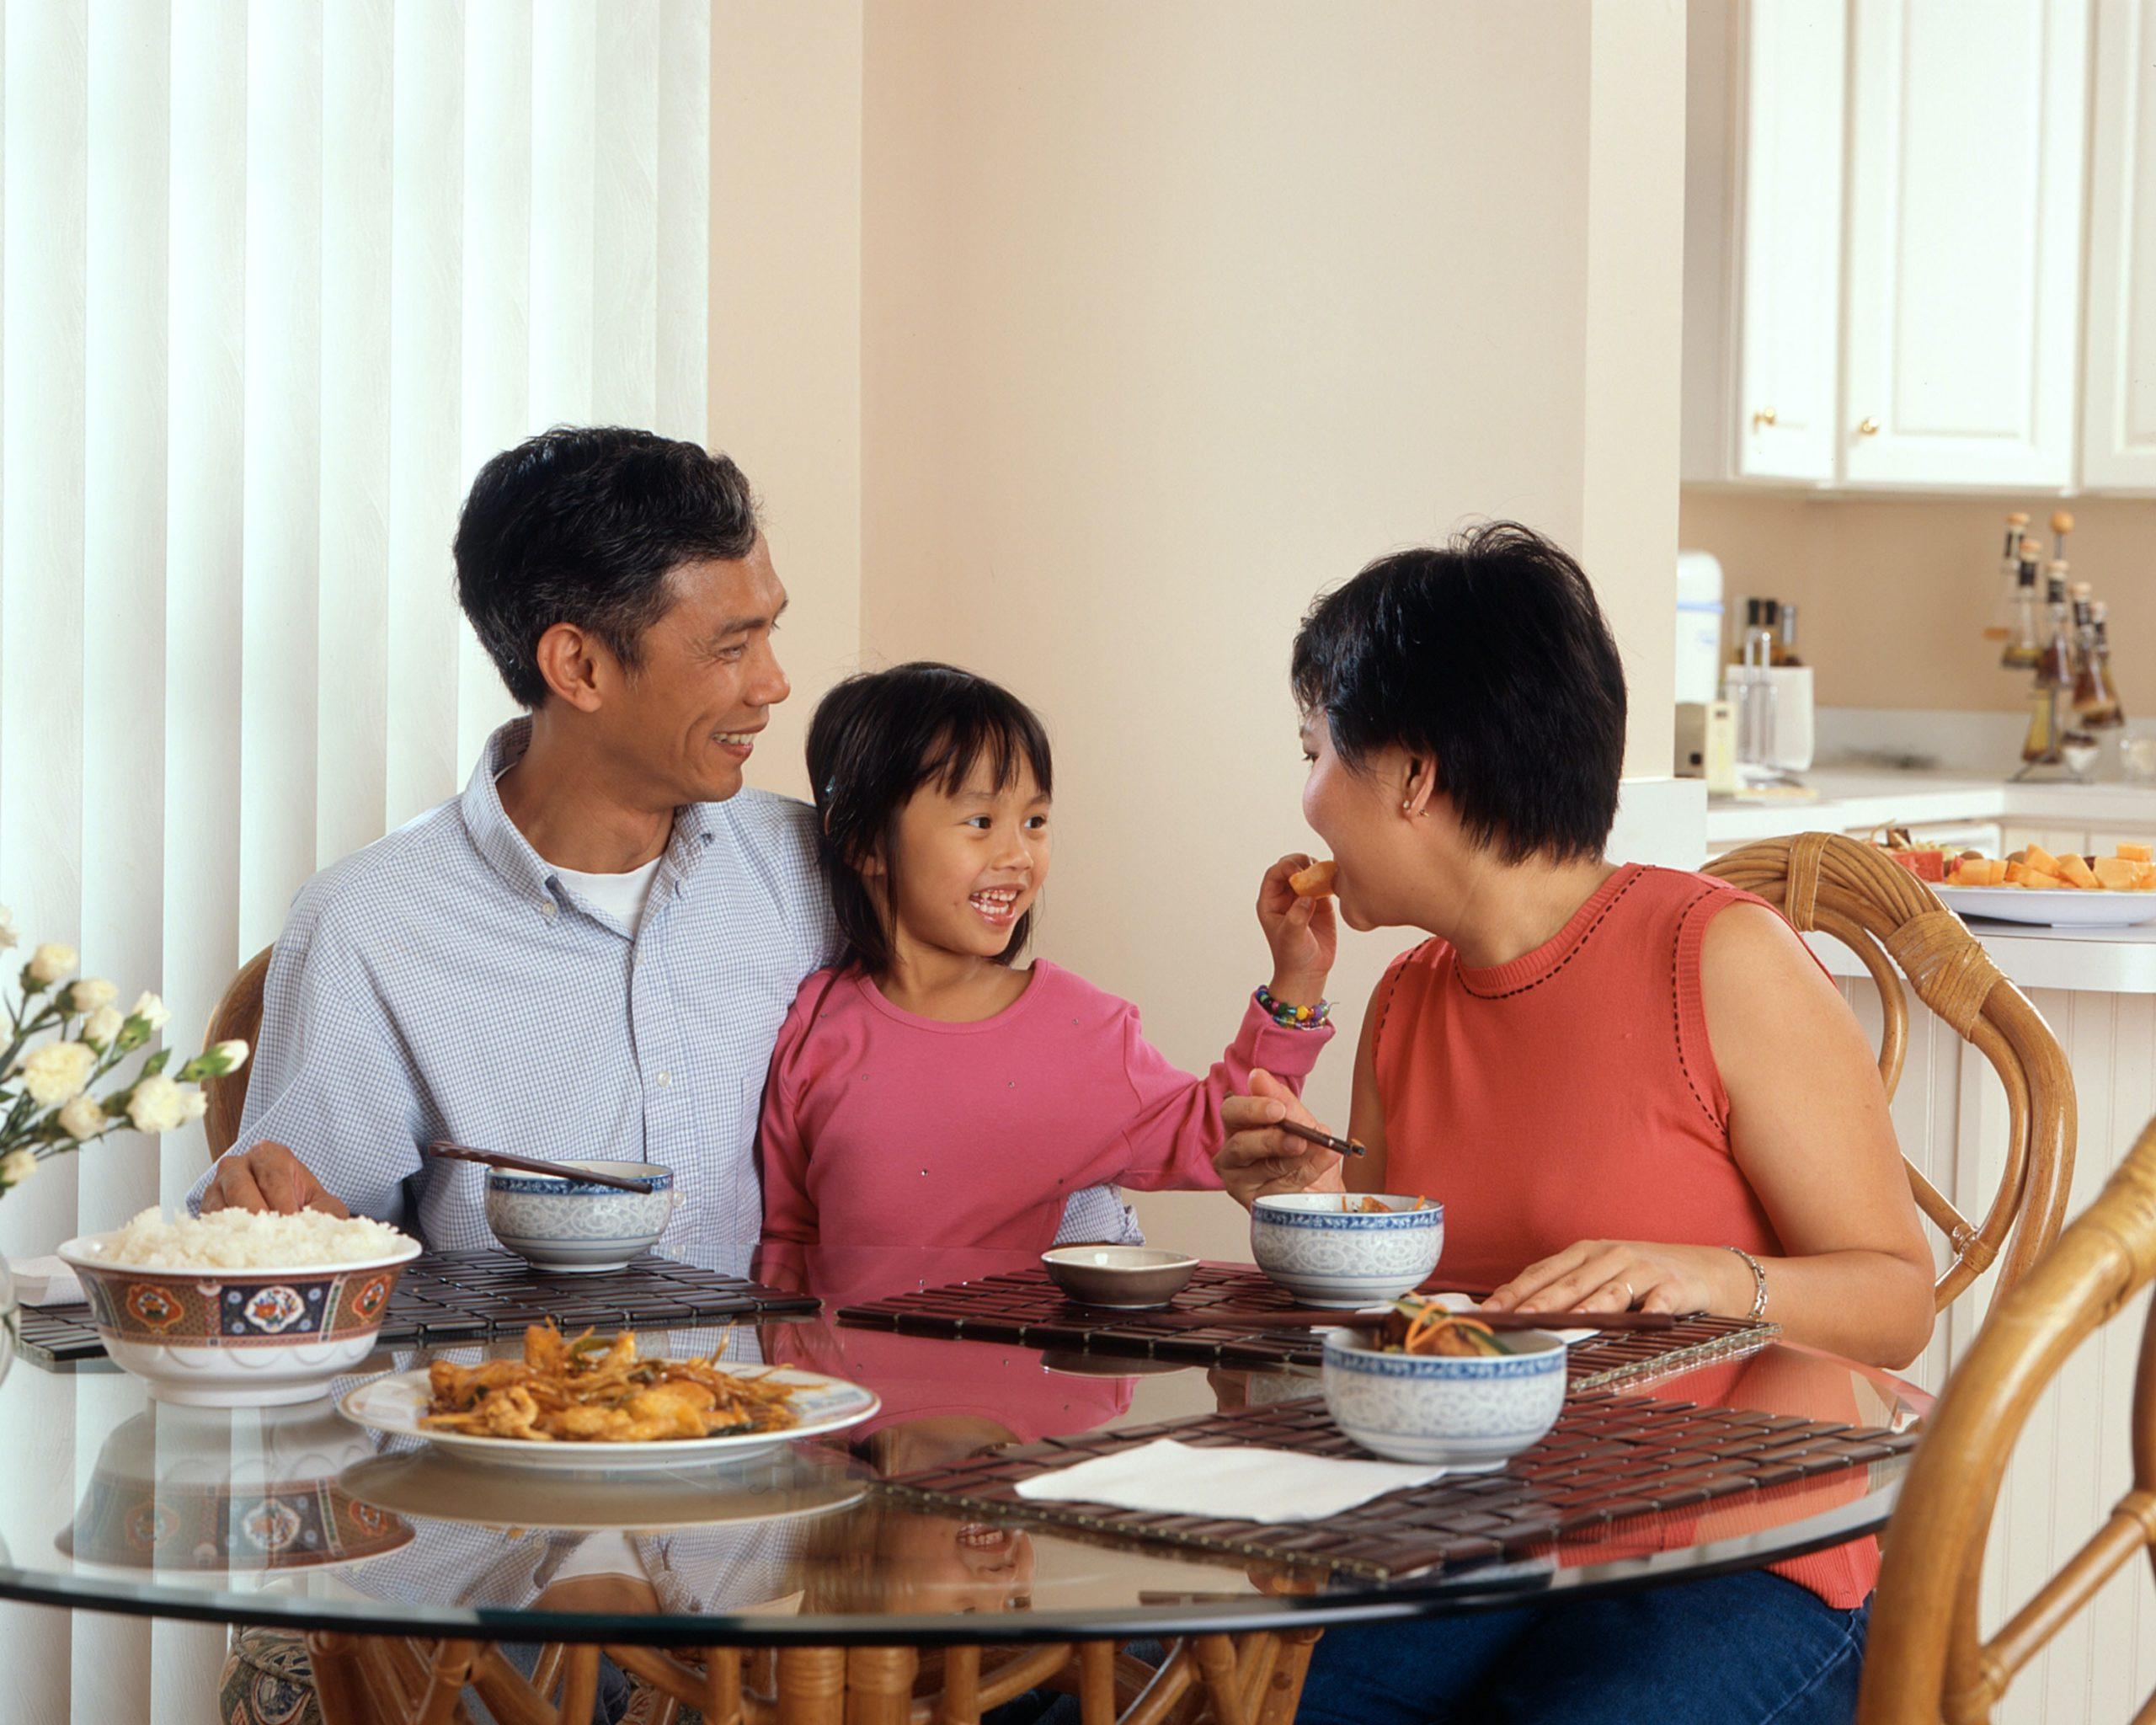 家庭教育总碰壁?换种方式和孩子交流更有效率